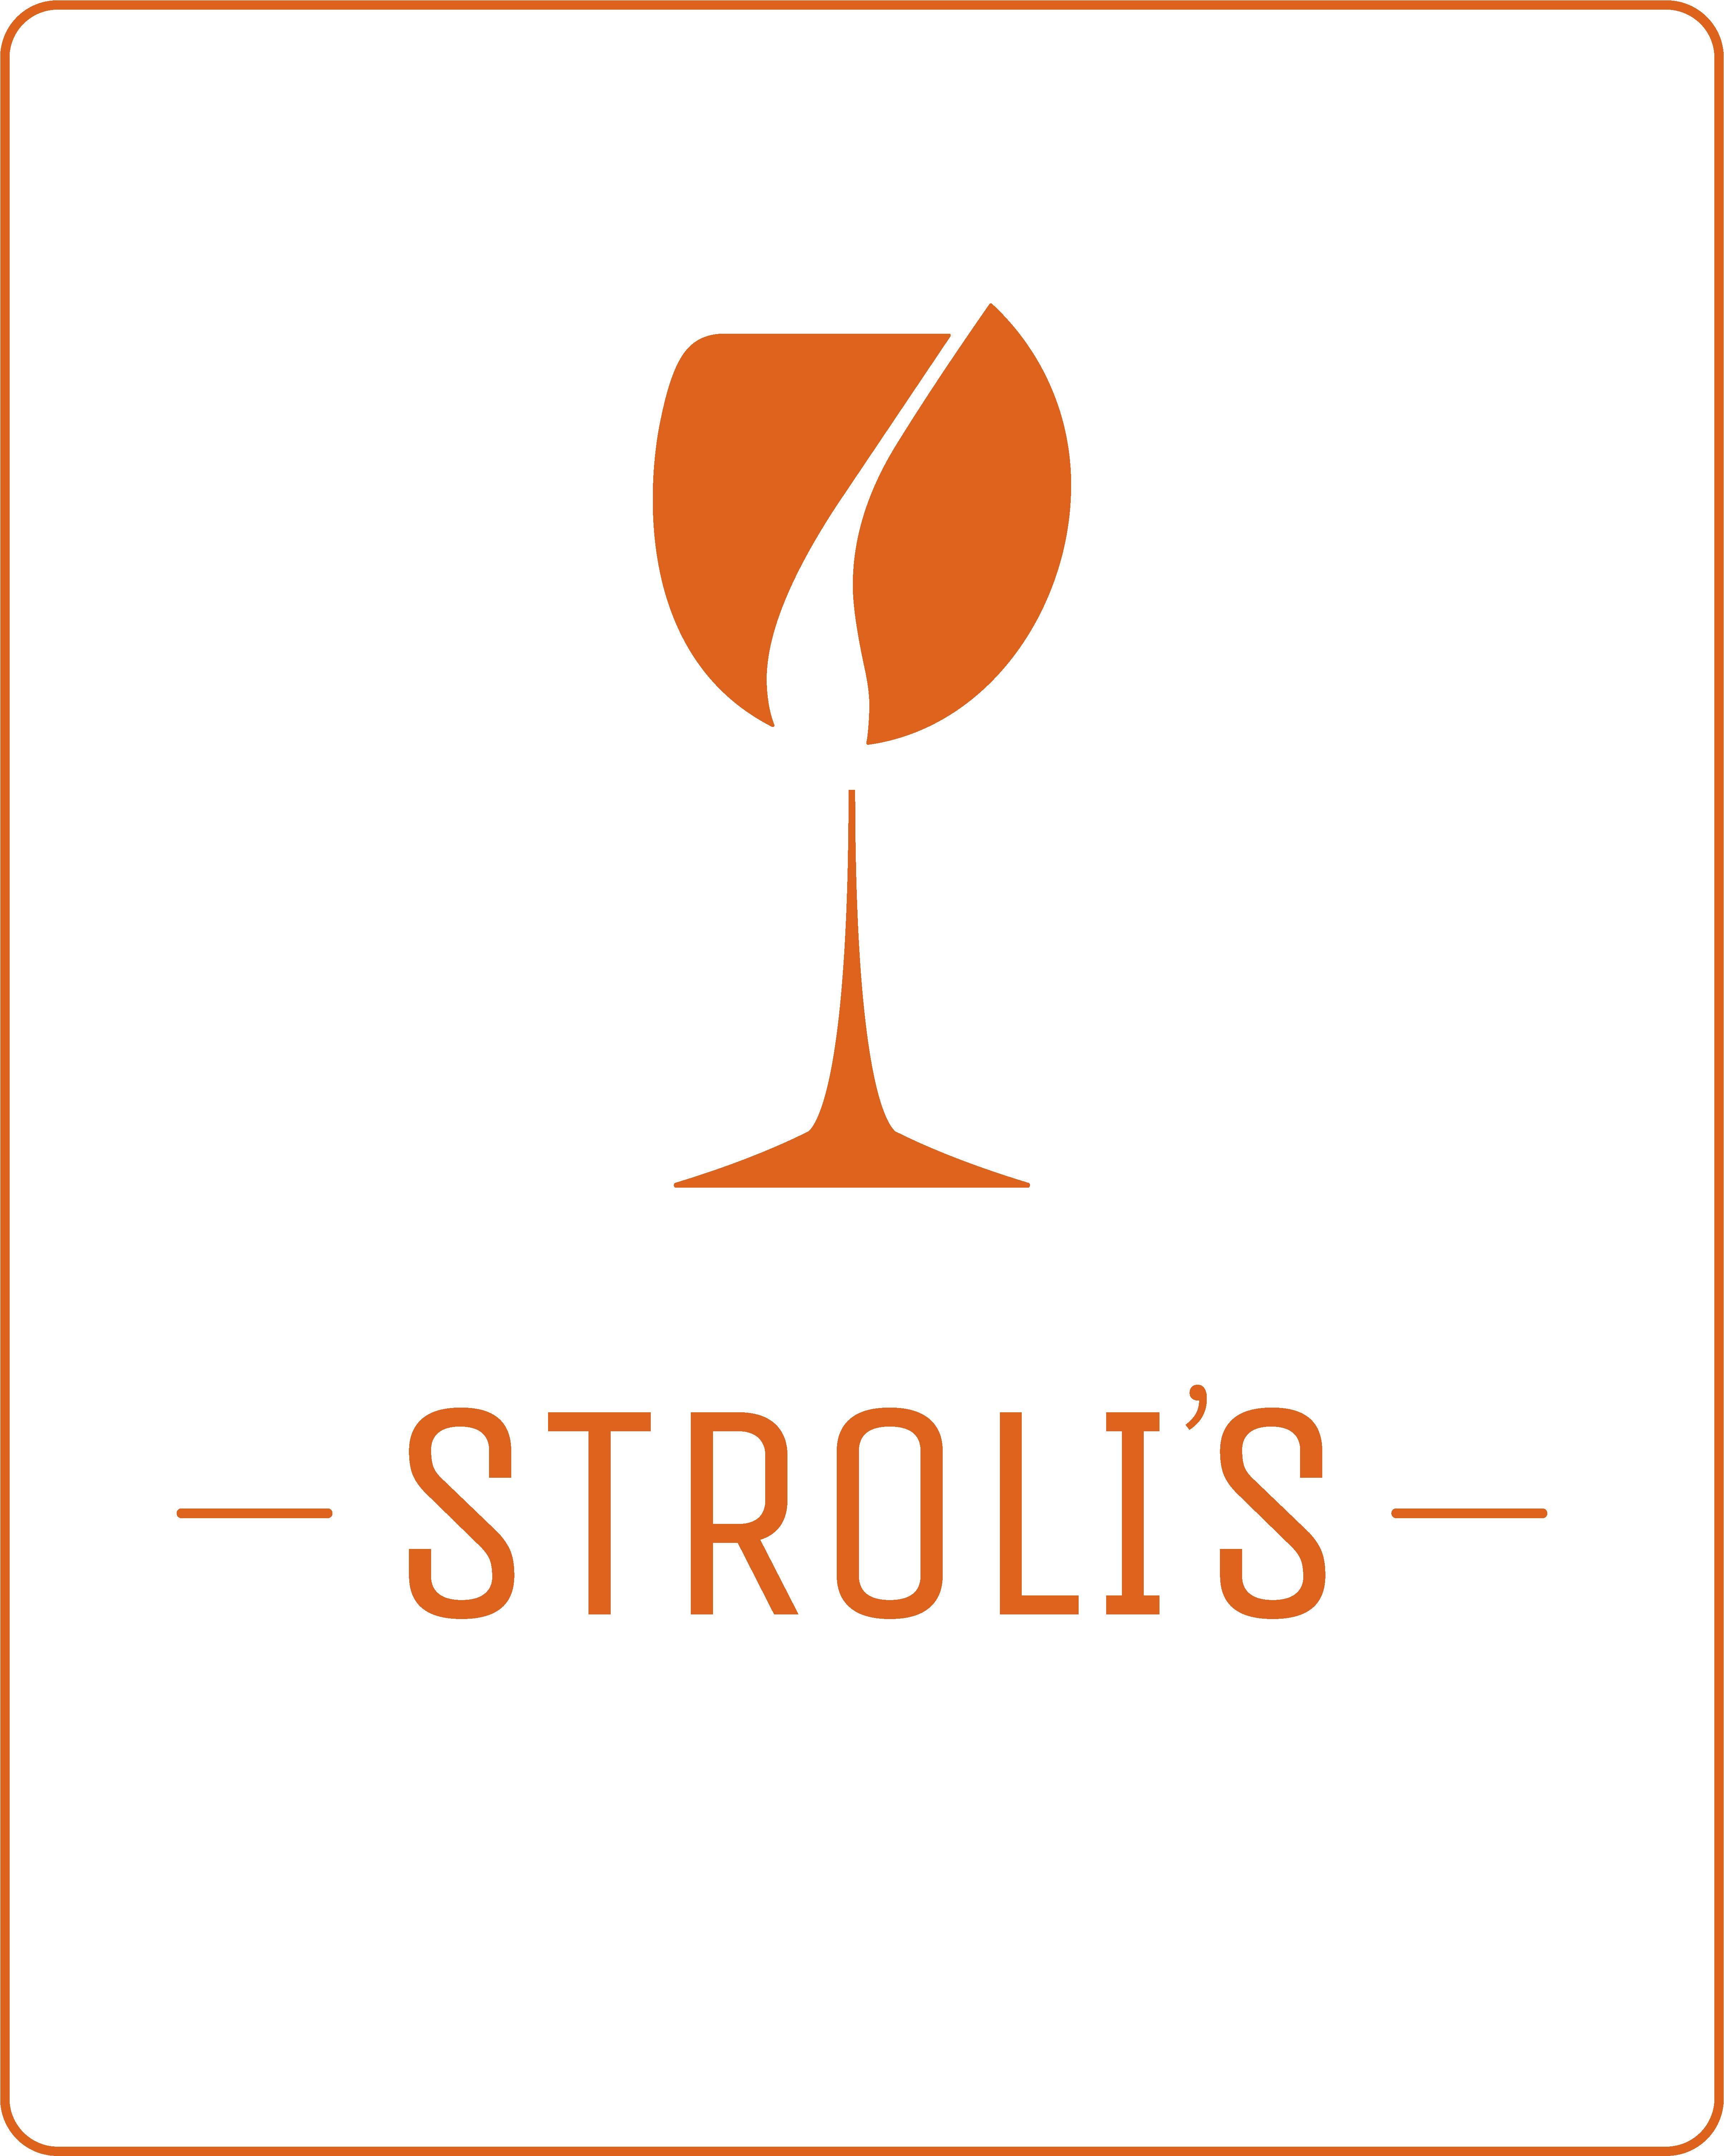 Stroli_Strolis_positivjpg